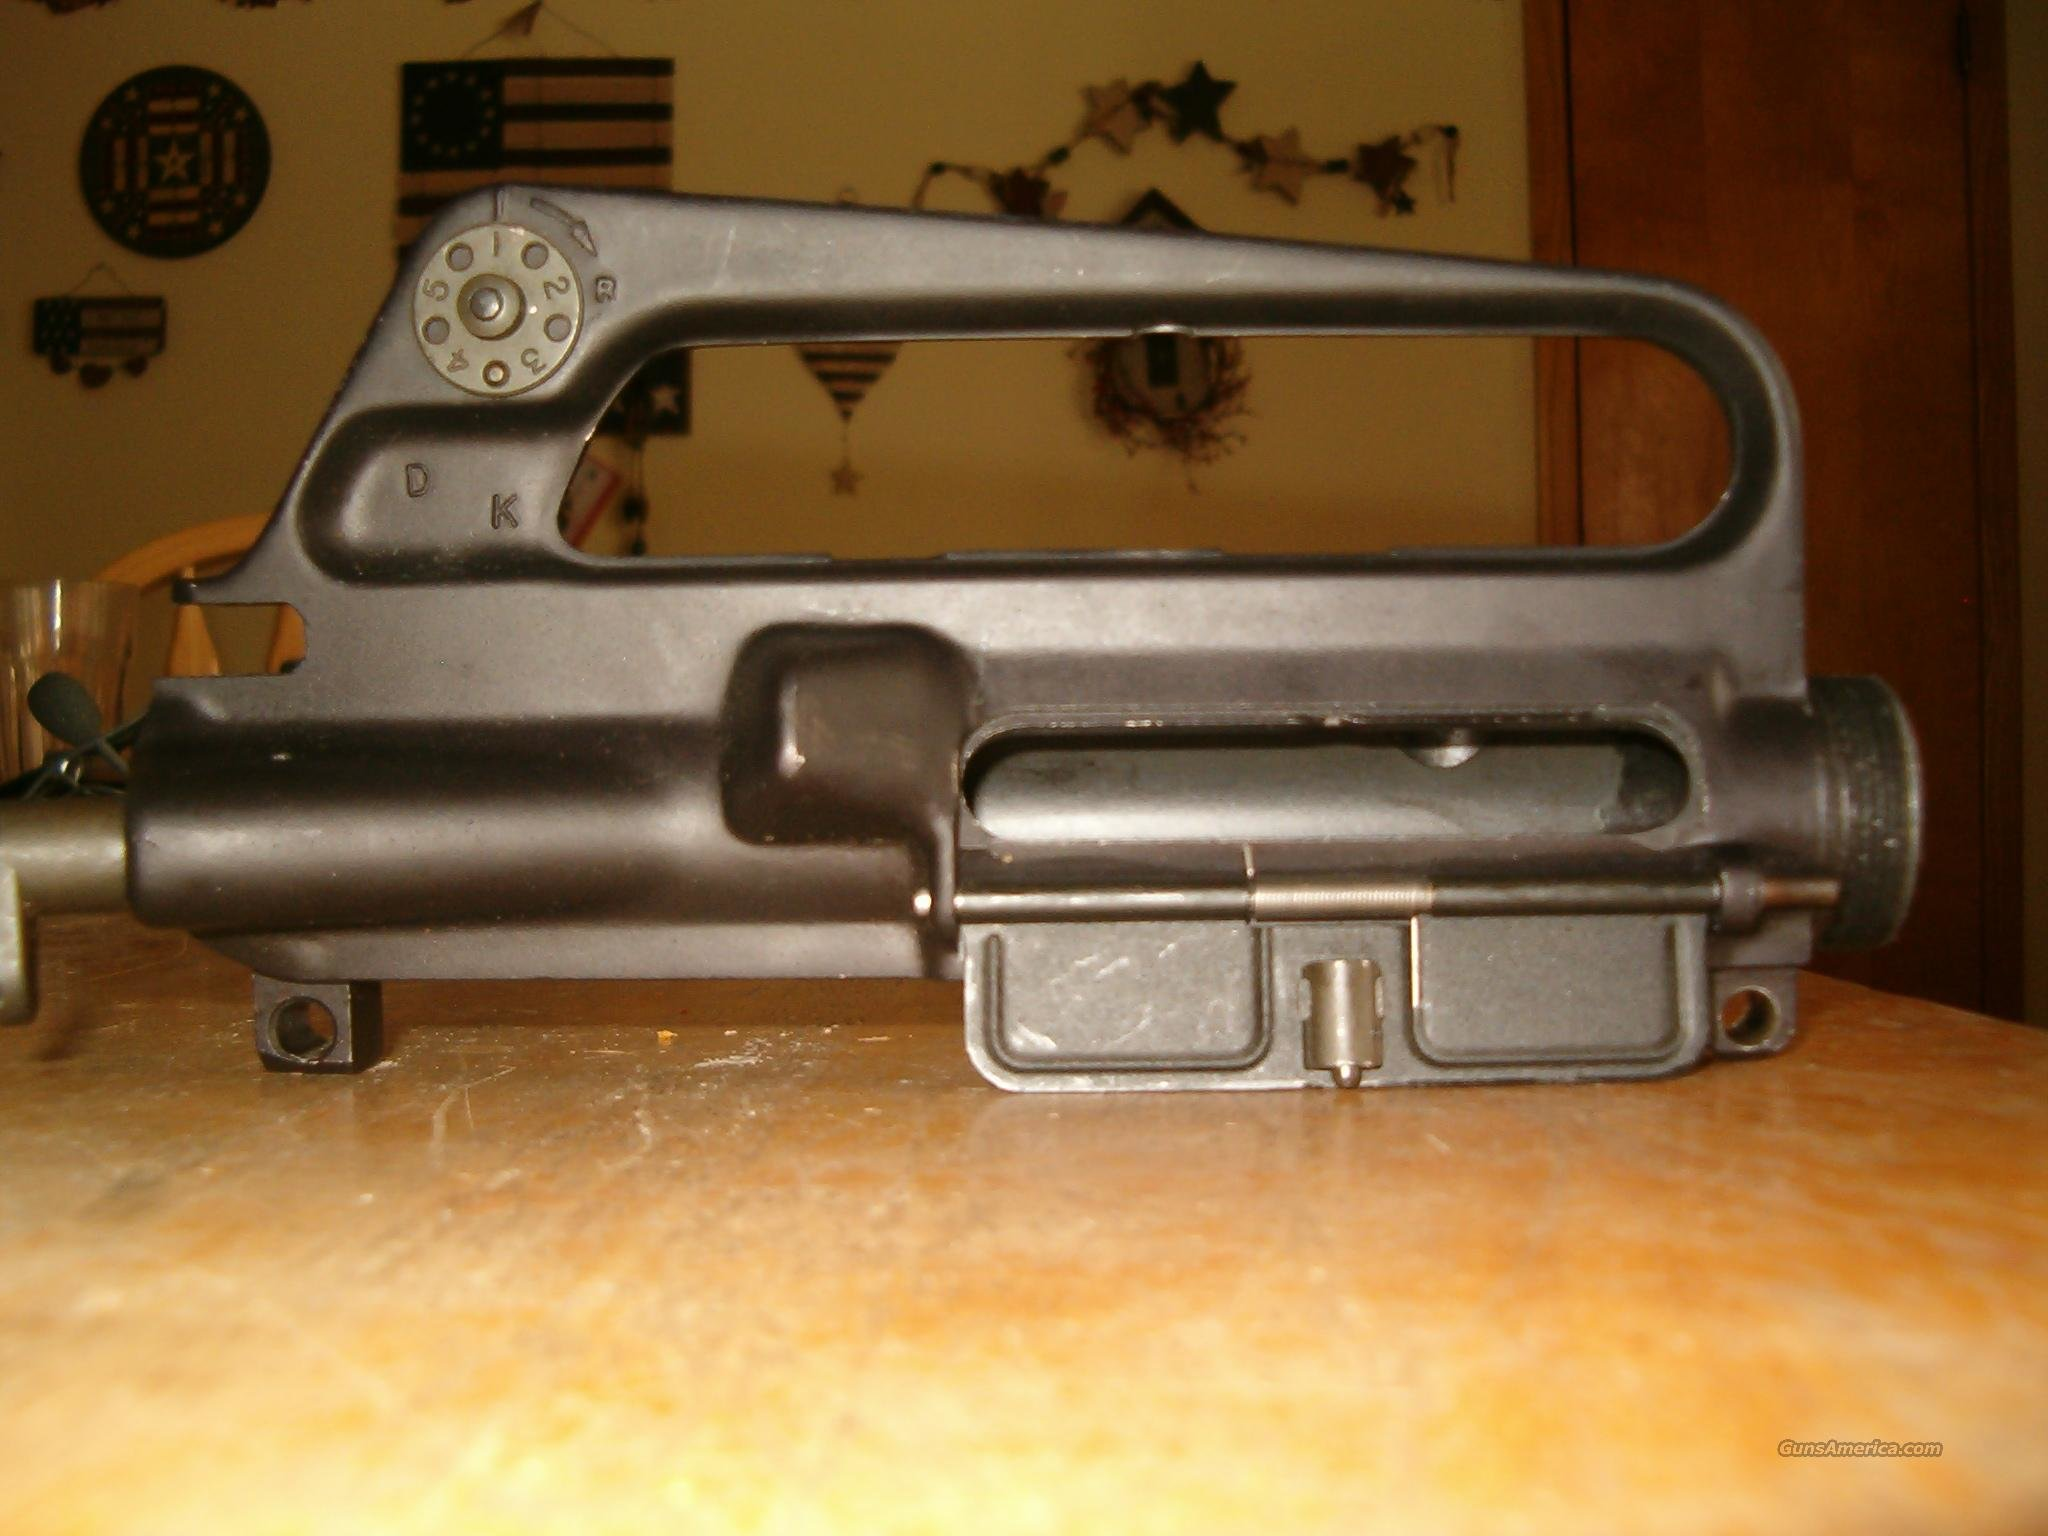 AR-15 A1 upper receiver complete plus buffer assem & stock